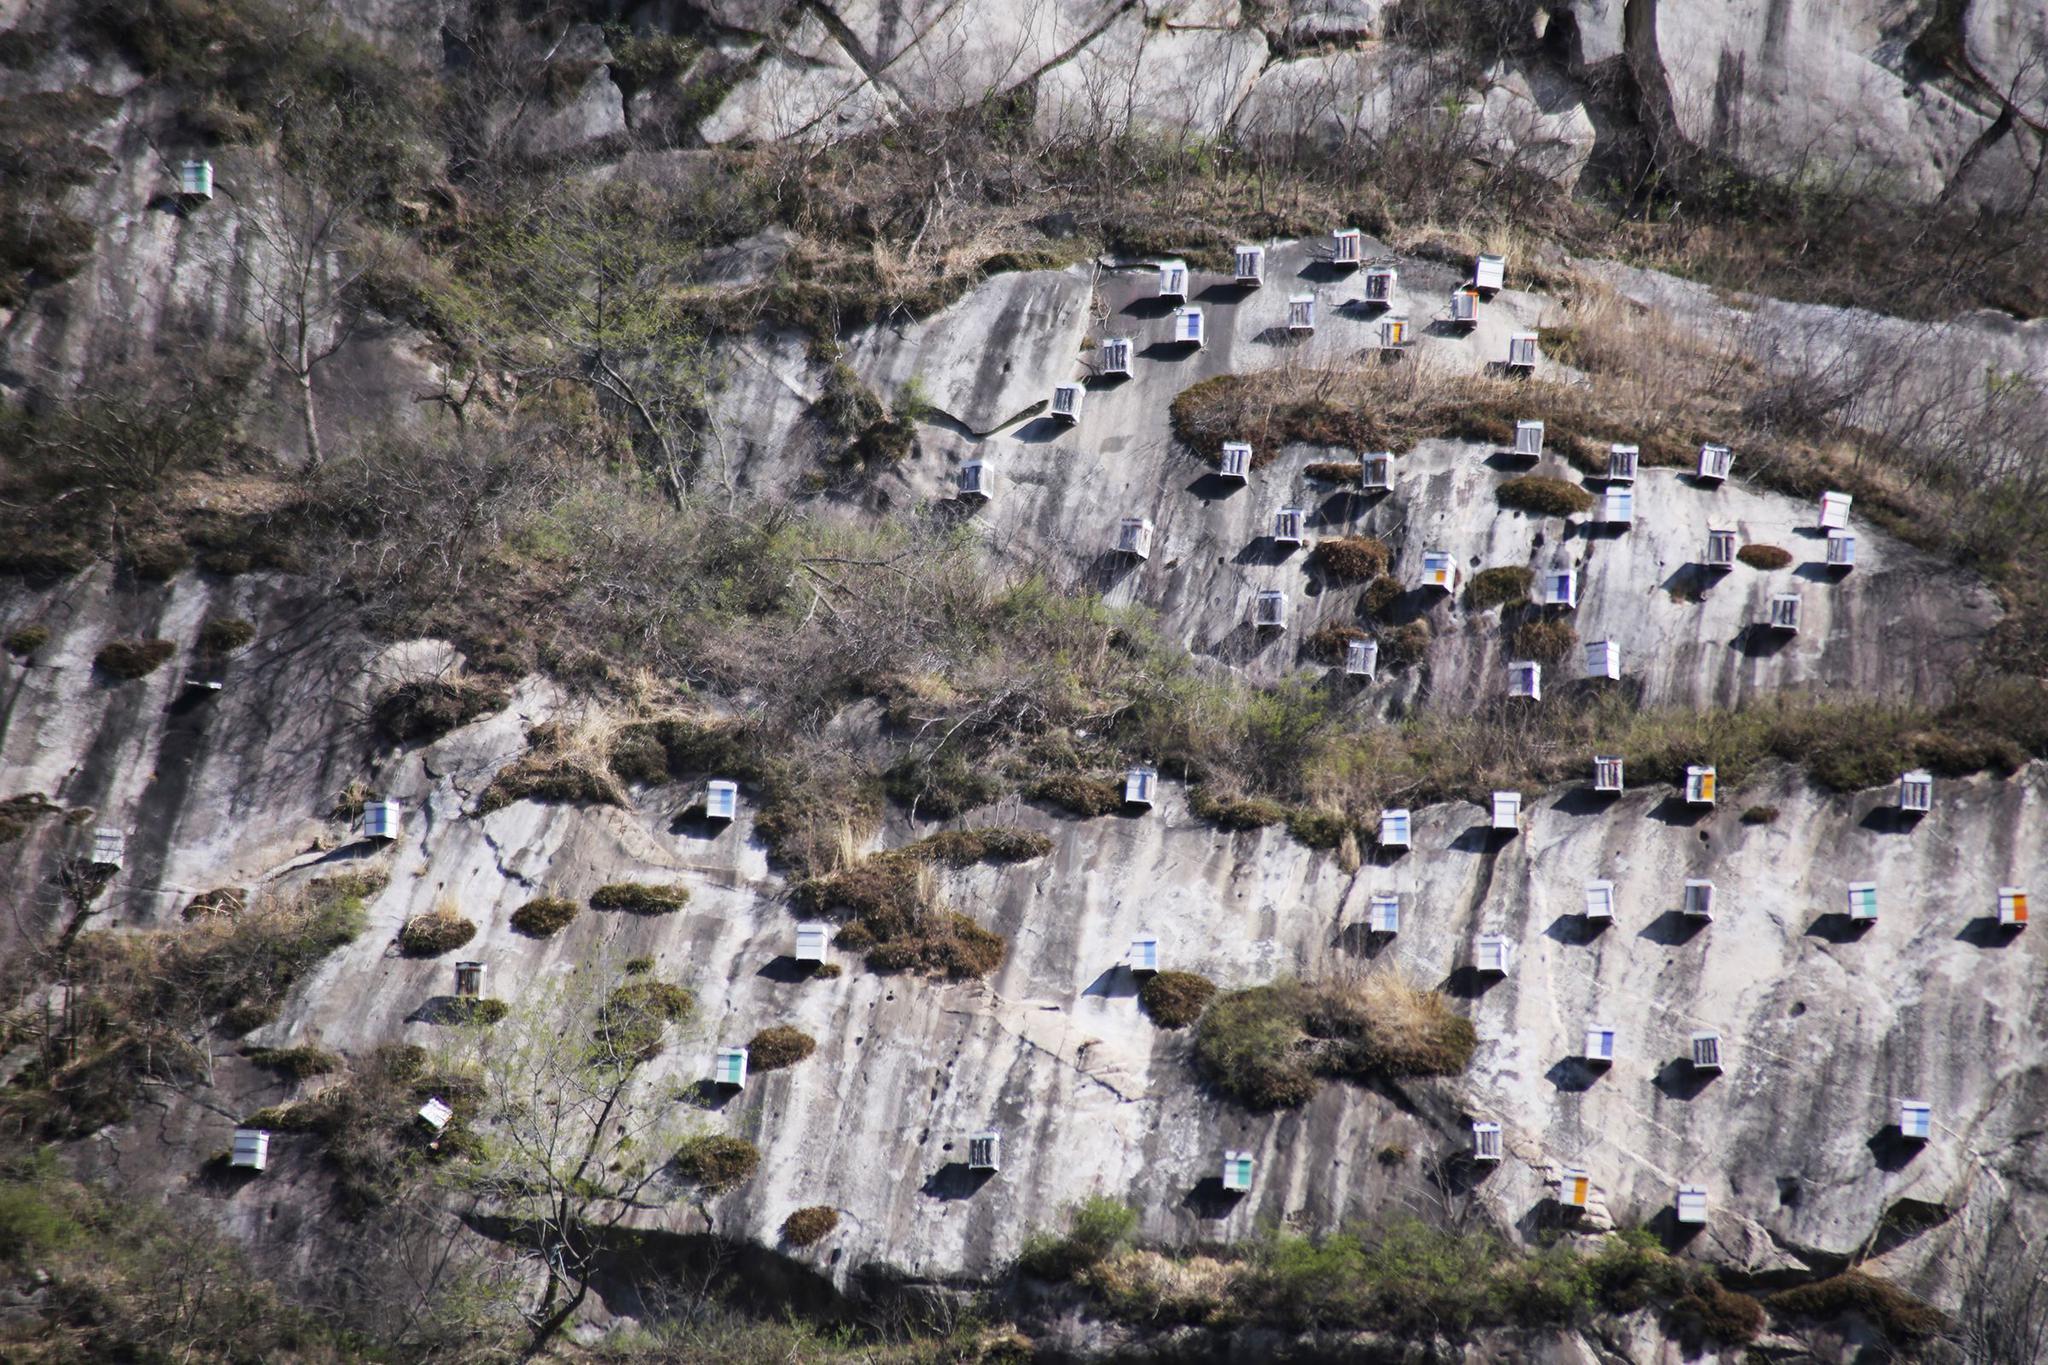 摩天平台:蜂谷景区游客可赏摩天平台崖壁图片